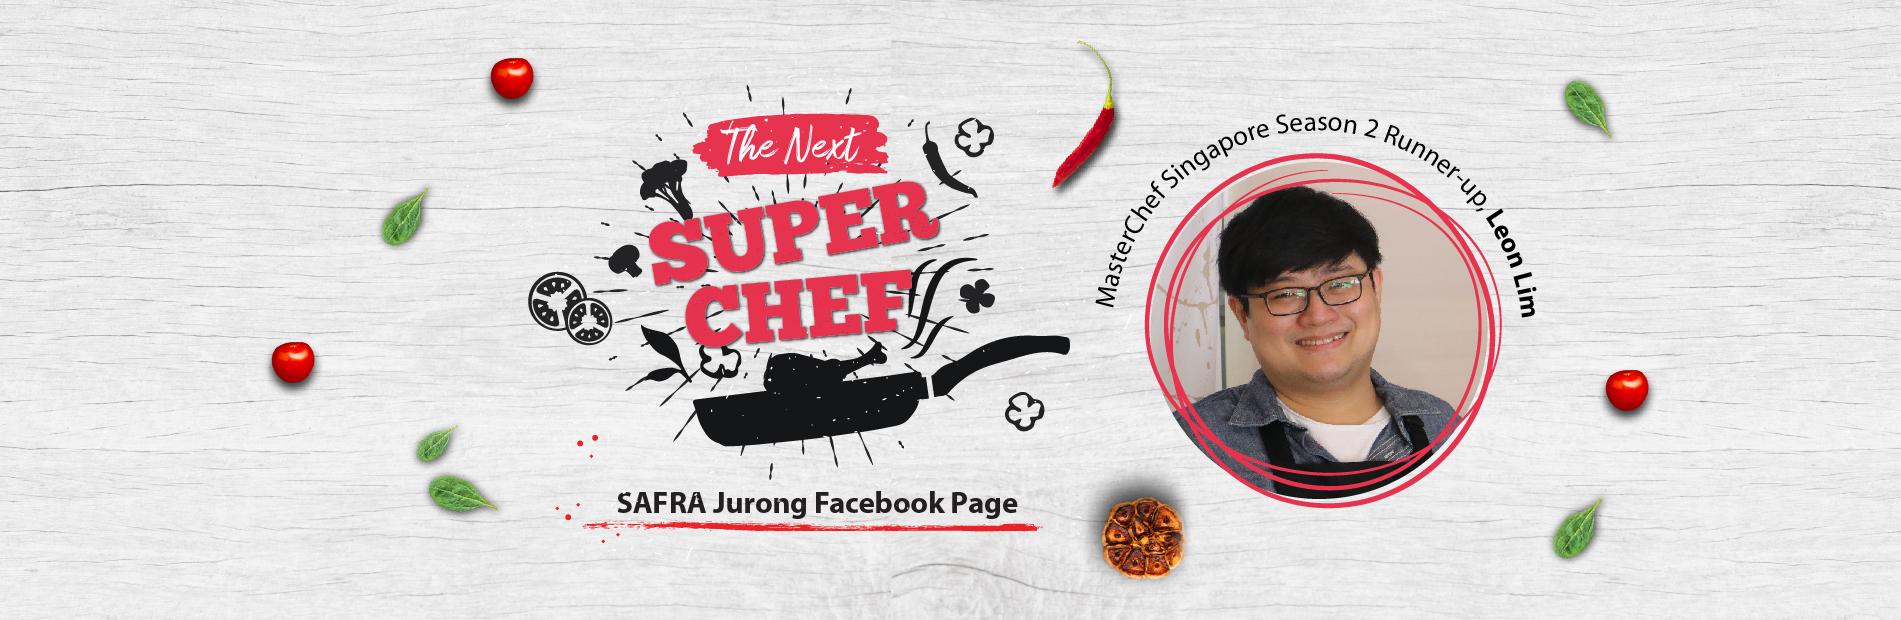 JR next super chef web_1900x620